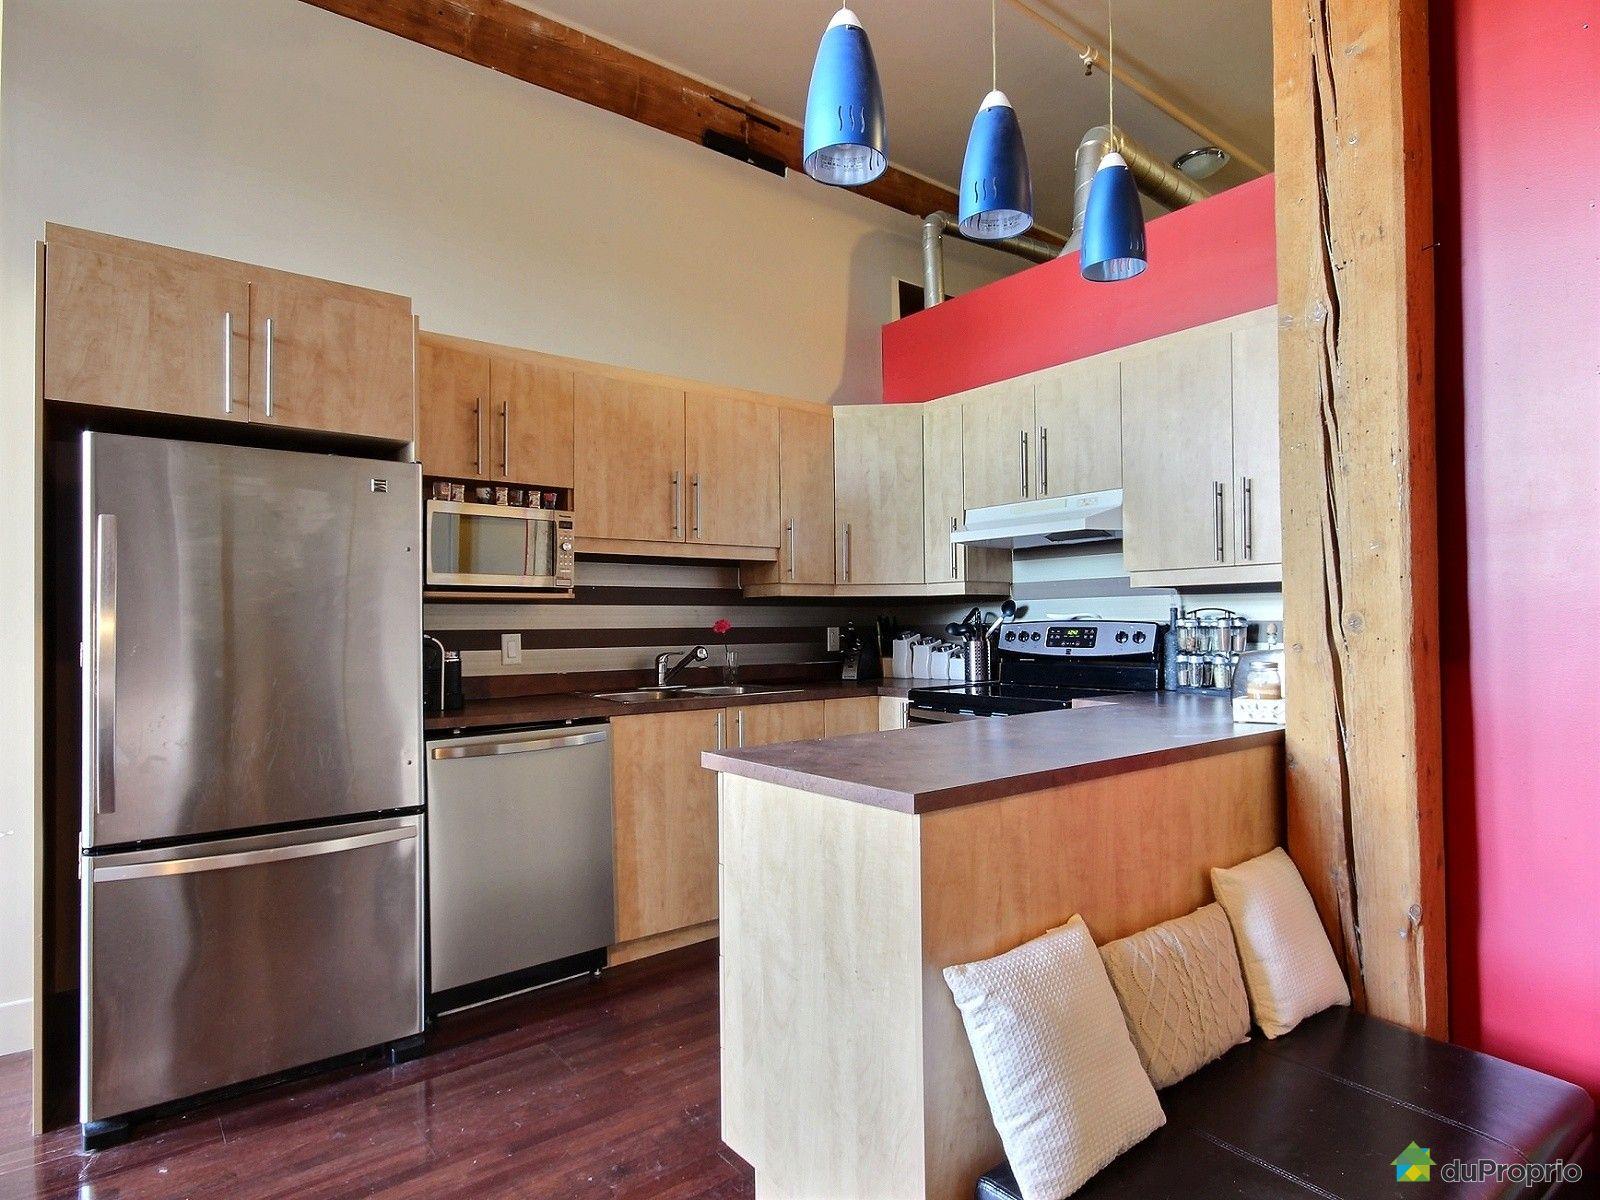 loft vendre st jean sur richelieu 201 rue saint louis immobilier qu bec duproprio 610445. Black Bedroom Furniture Sets. Home Design Ideas